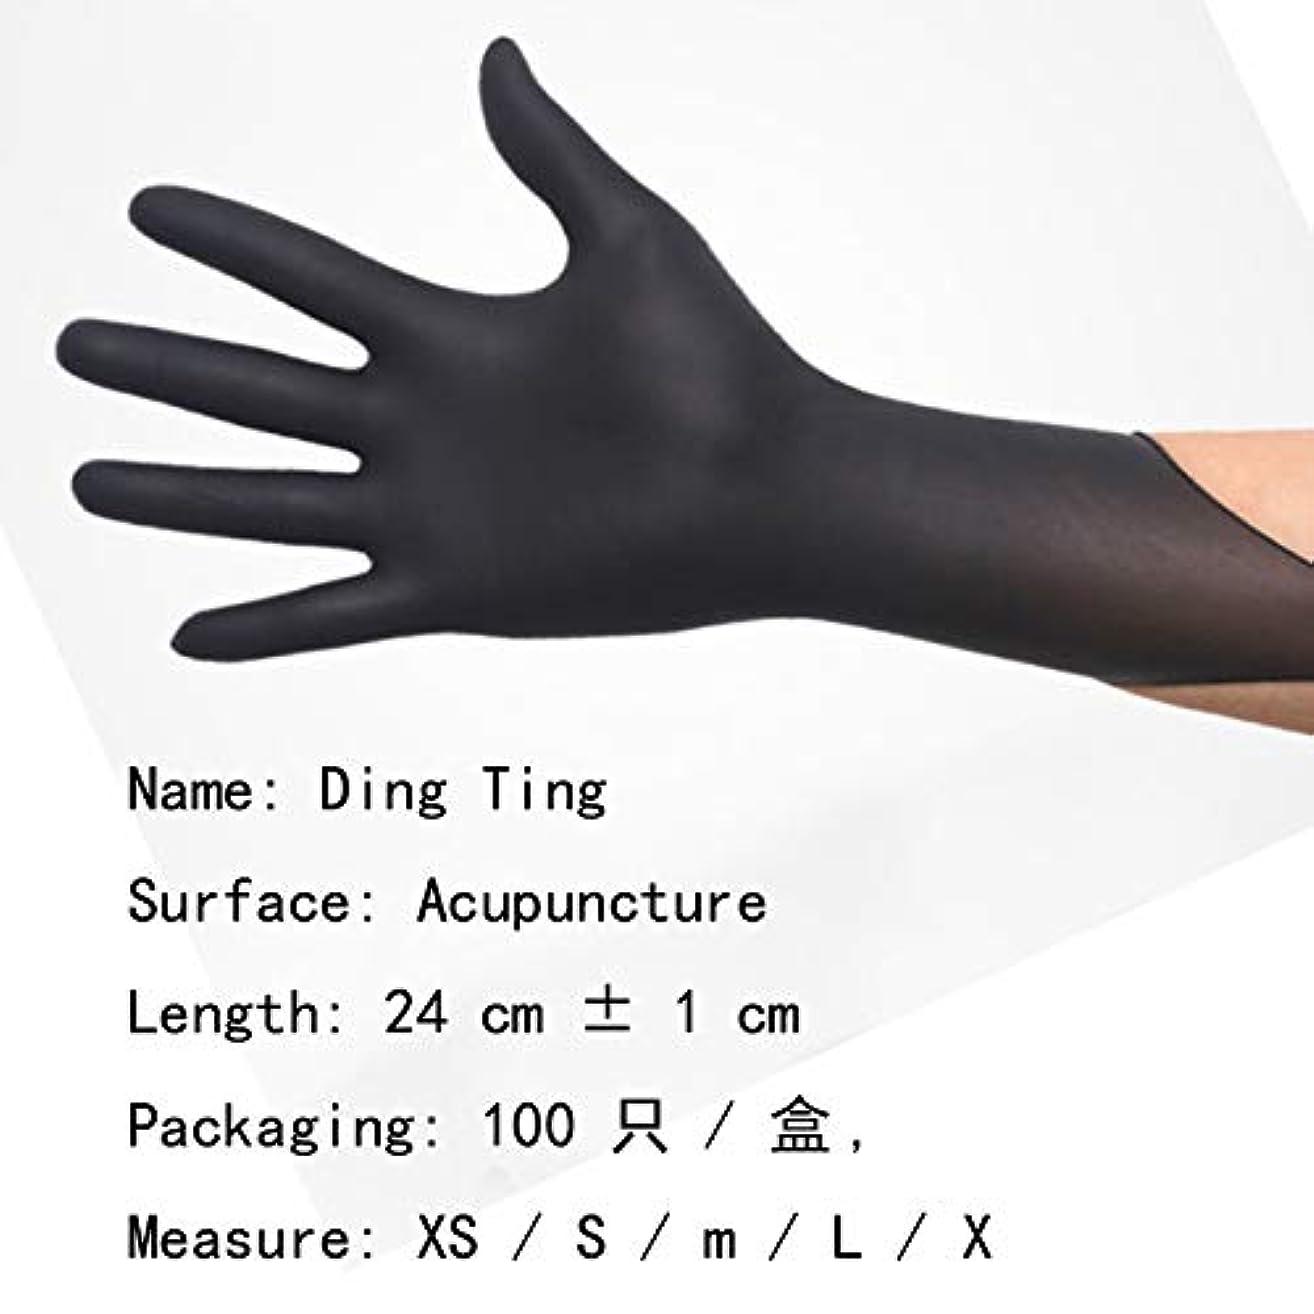 裁量不愉快に自治ニトリル手袋黒ニトリル4ミル厚使い捨て手袋×ラージケース100試験医療用ラテックスフリーブラックM-L食品、工業用、クリーニング (Size : L)